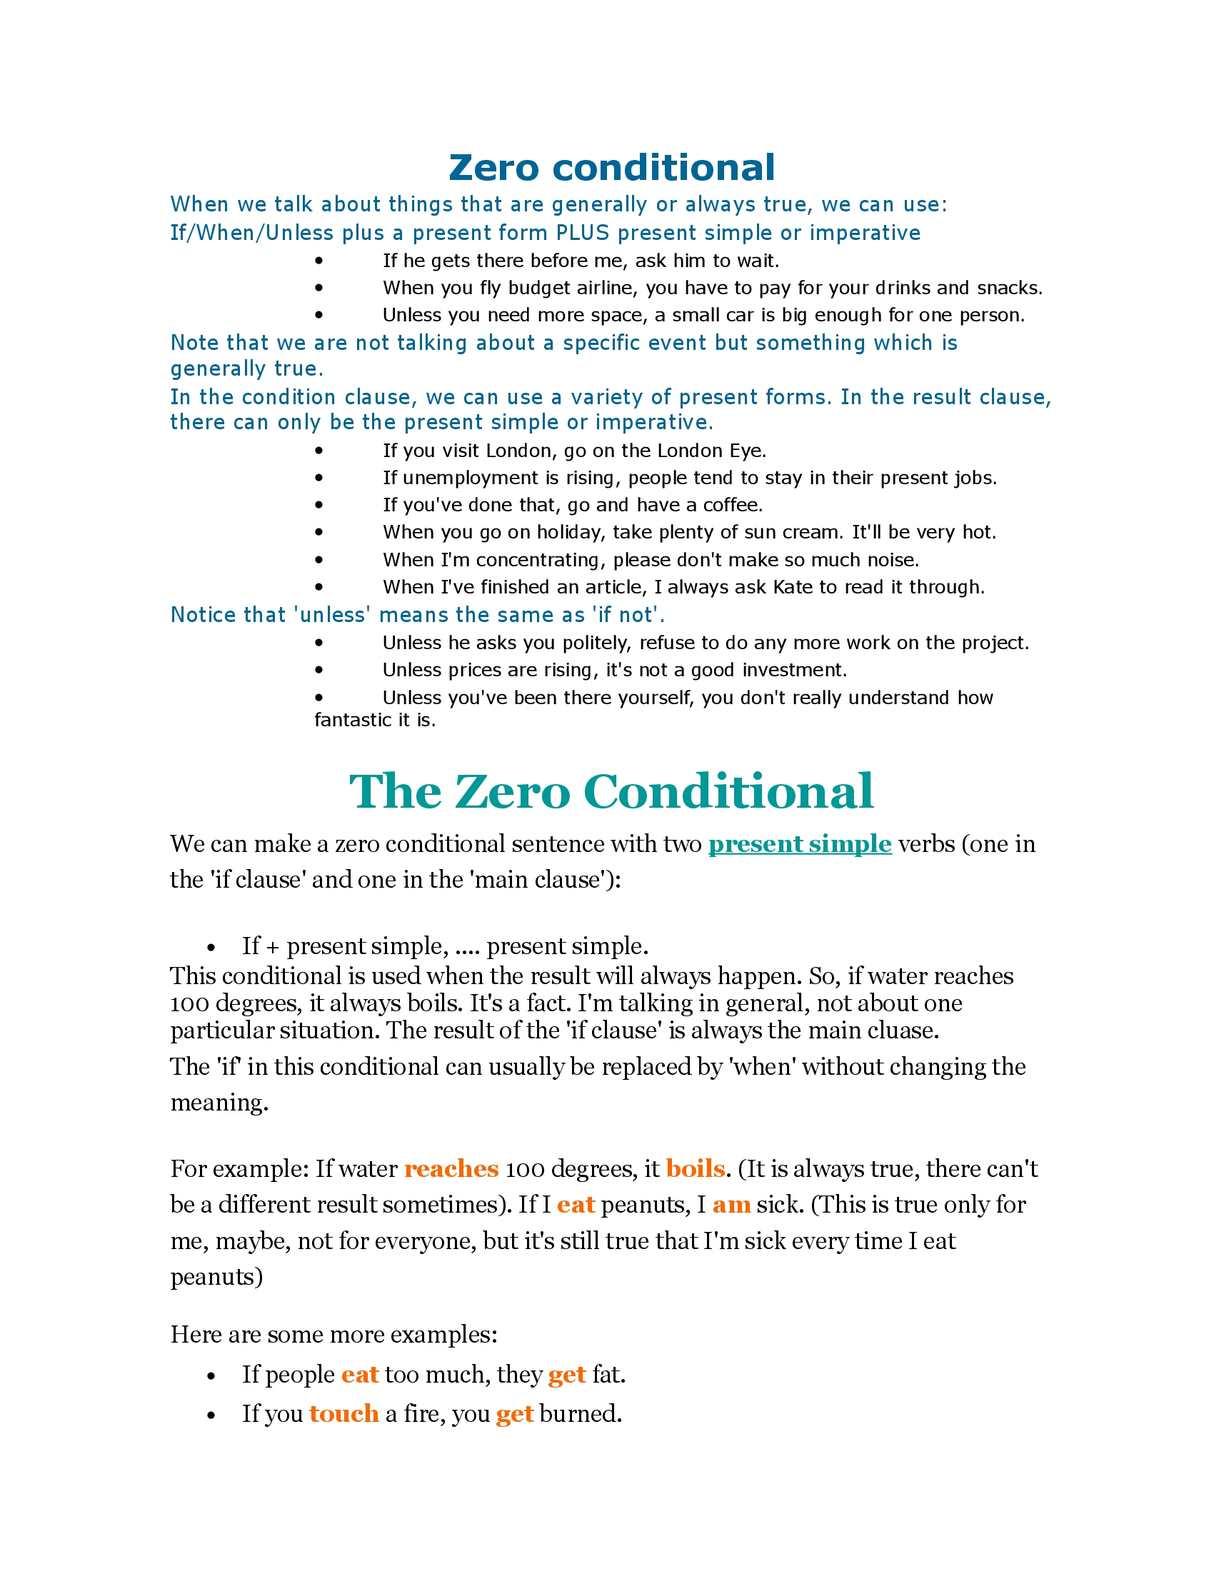 Zero Conditional